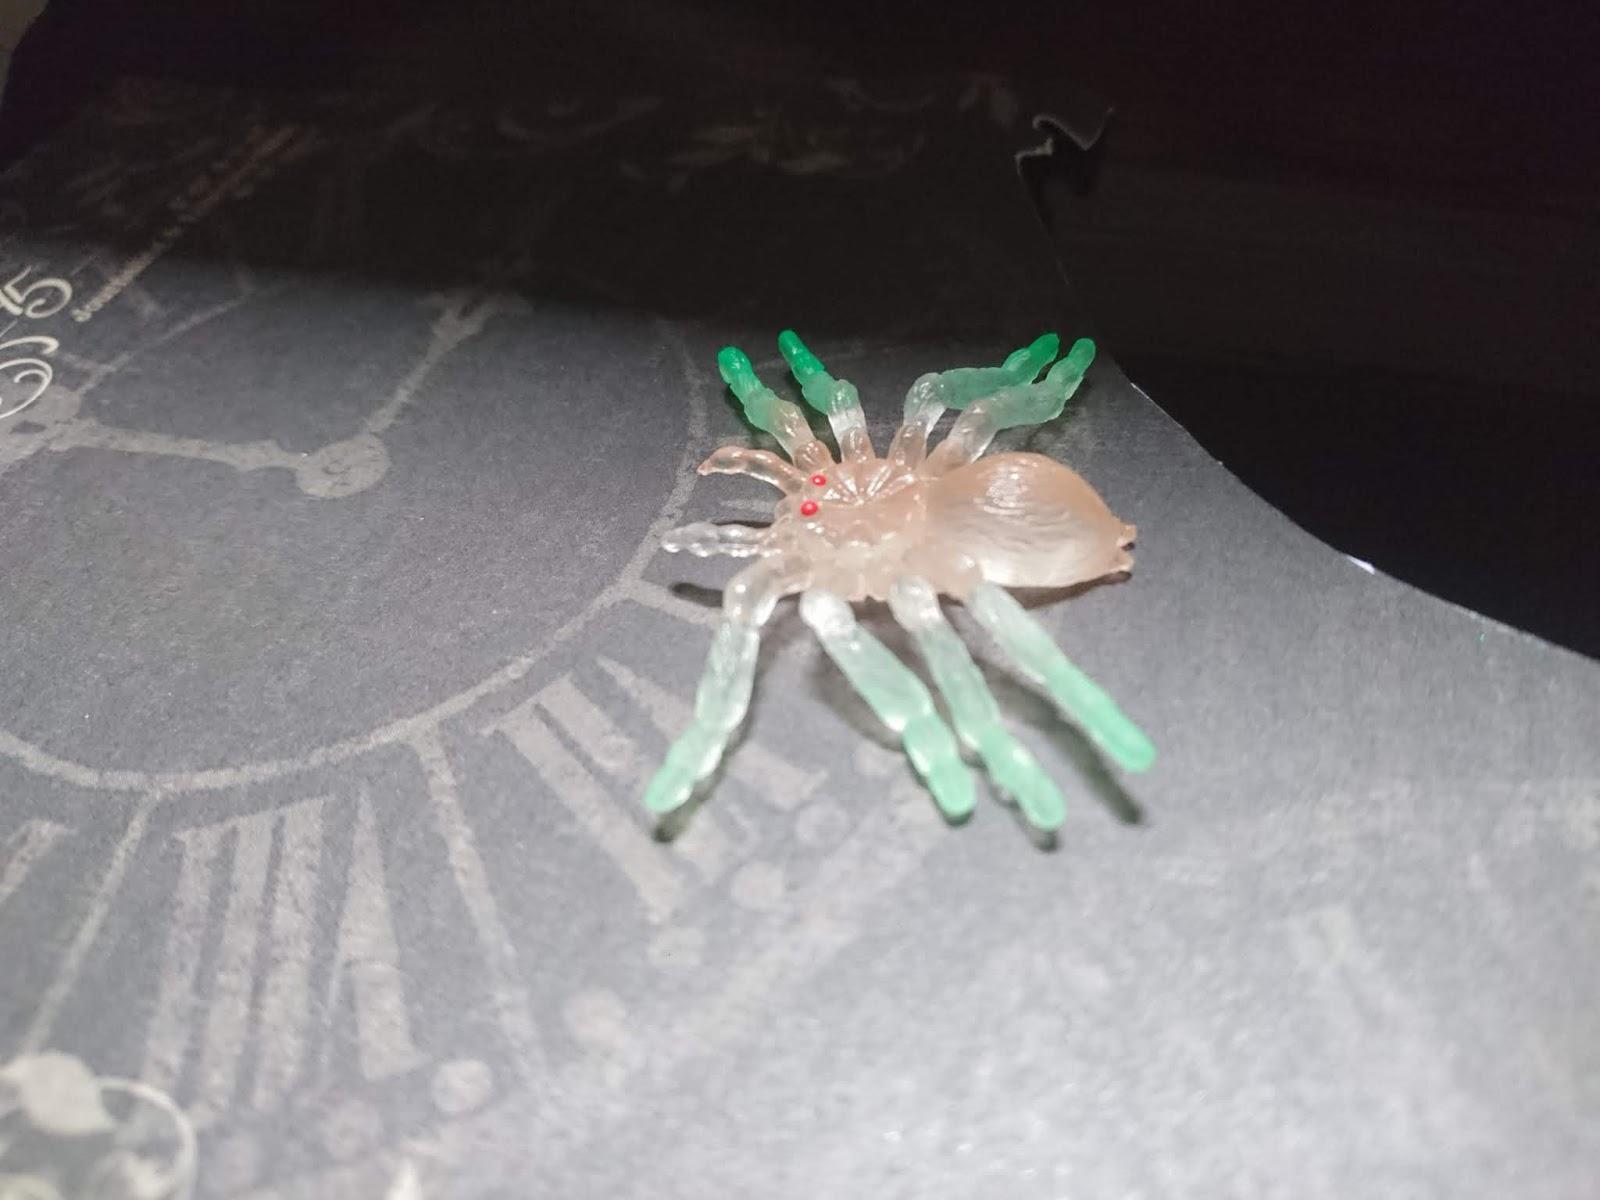 Araña como era originalmente